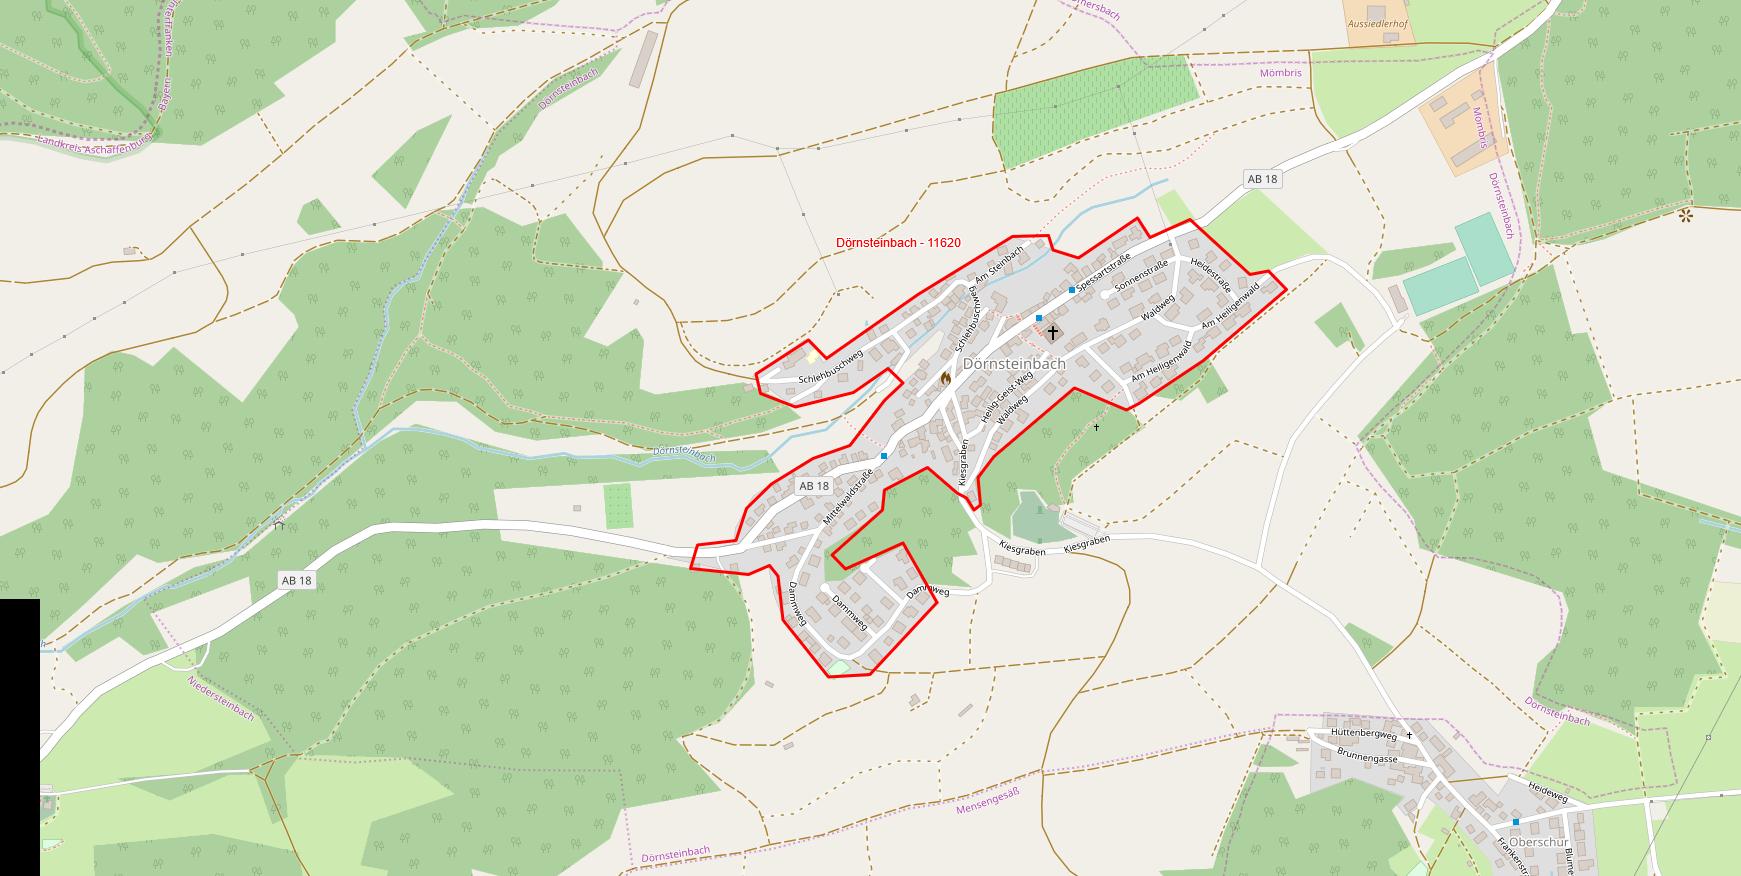 Dörnsteinbach Polygon